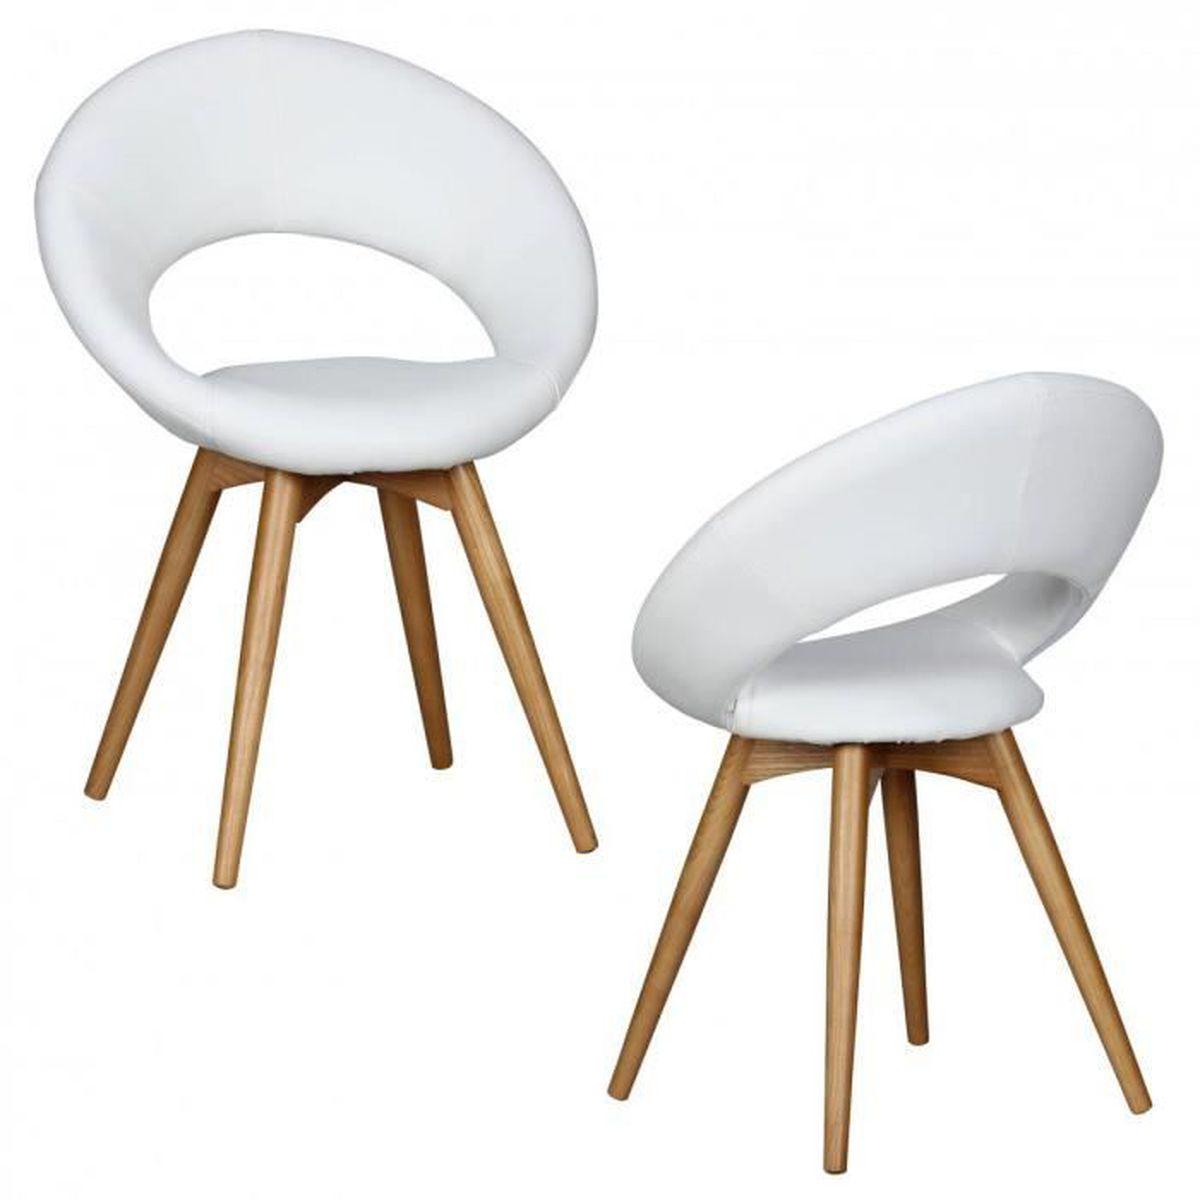 2x salle delinda manger chaise scandinave synthtique sellerie cuir blanc - Chaise Scandinave Cuir